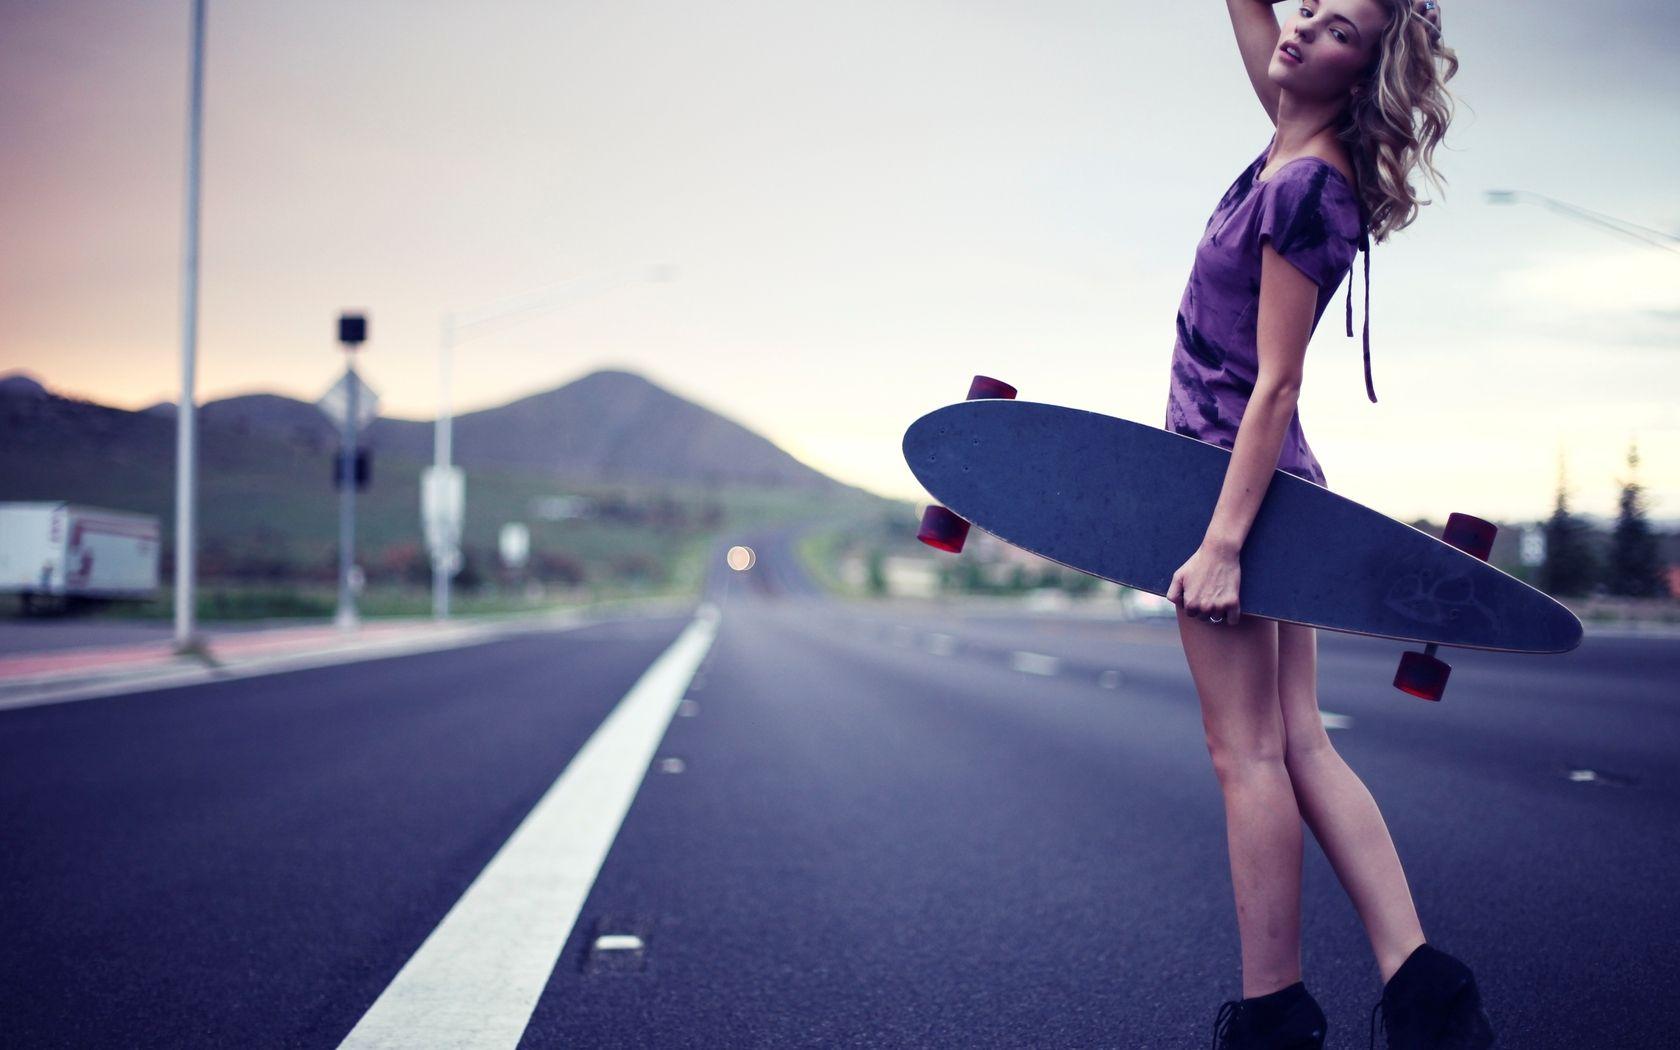 Girl Skateboard Wallpaper - WallpaperSafari